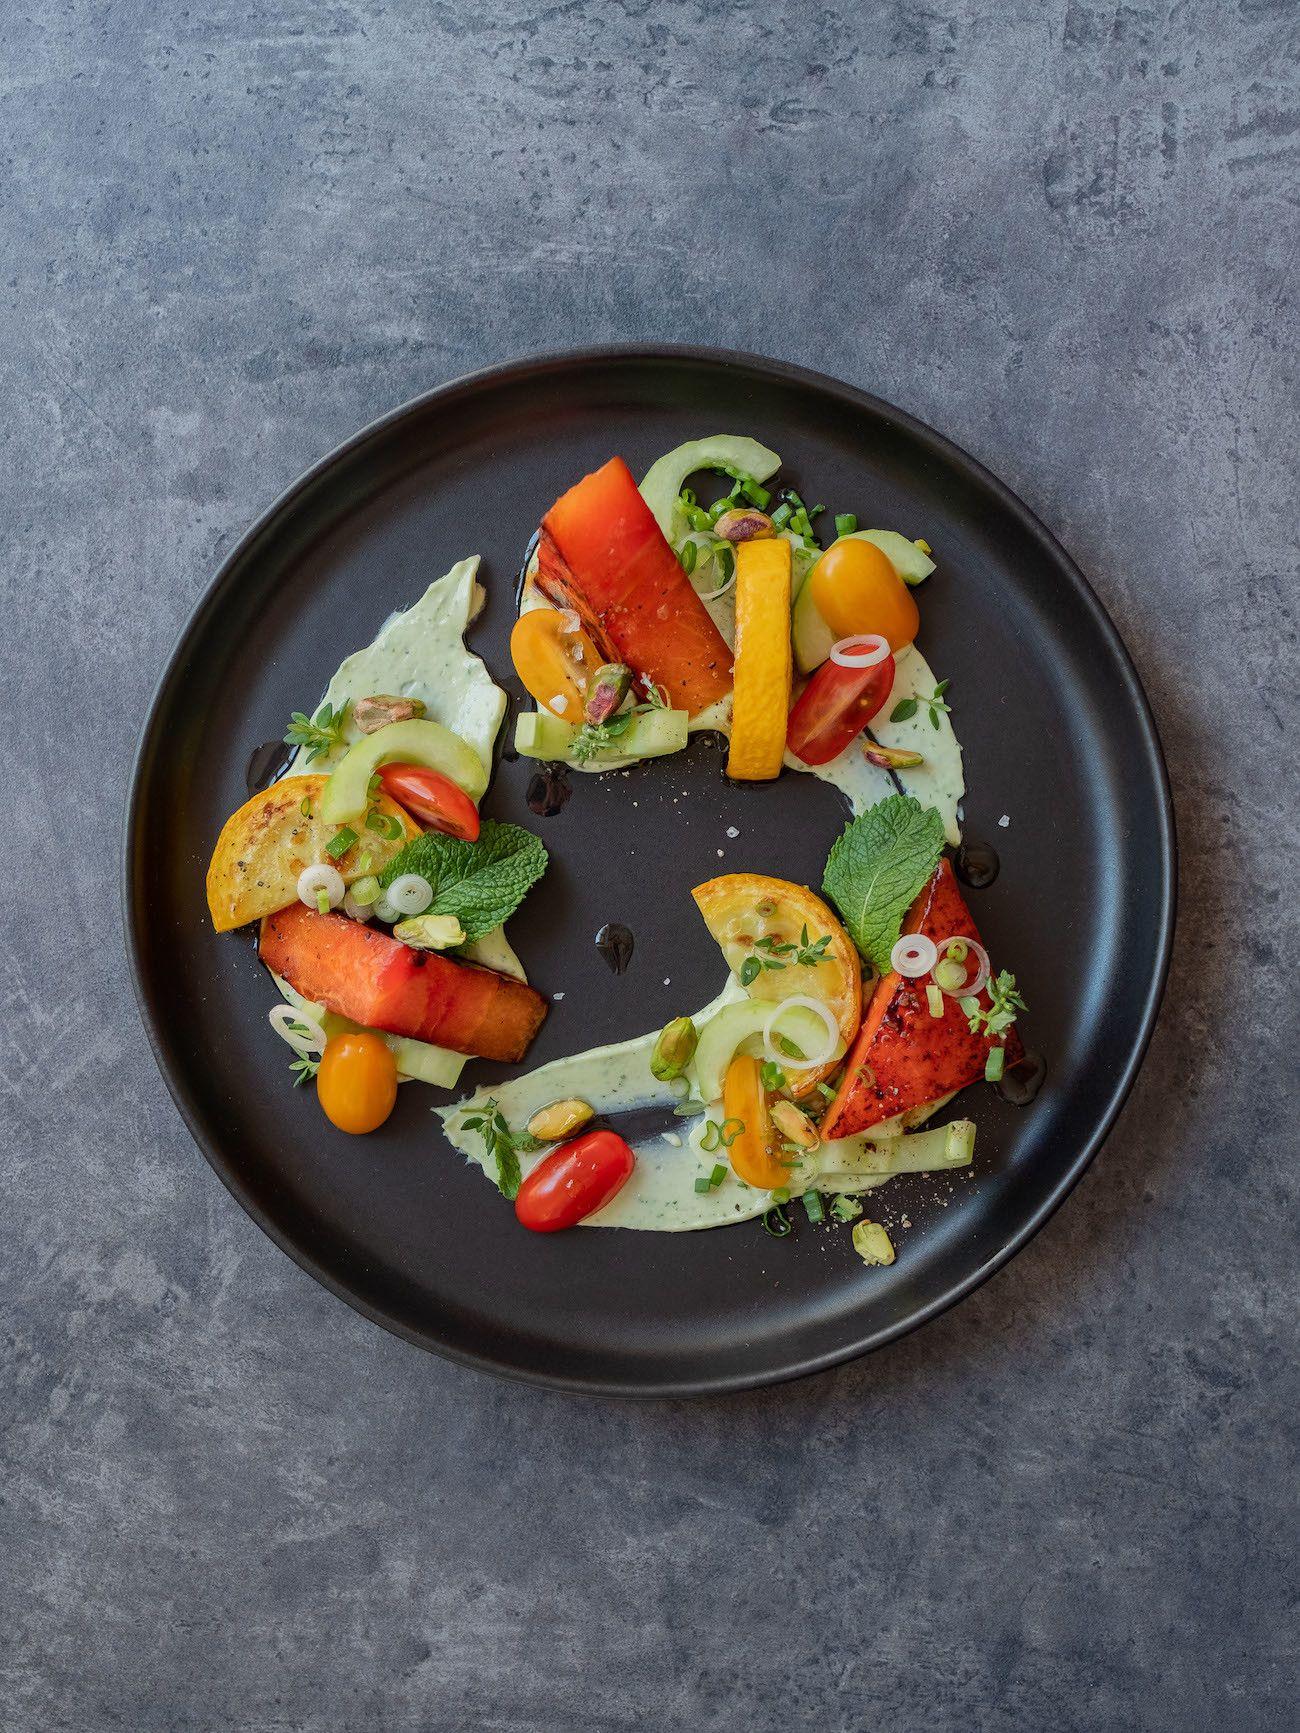 Foodblog, About Fuel, Rezept, Wassermelonensalat auf Basilikum-Feta-Creme, Gurken, Thymian, Tomaten, Frühlingszwiebeln, Minze